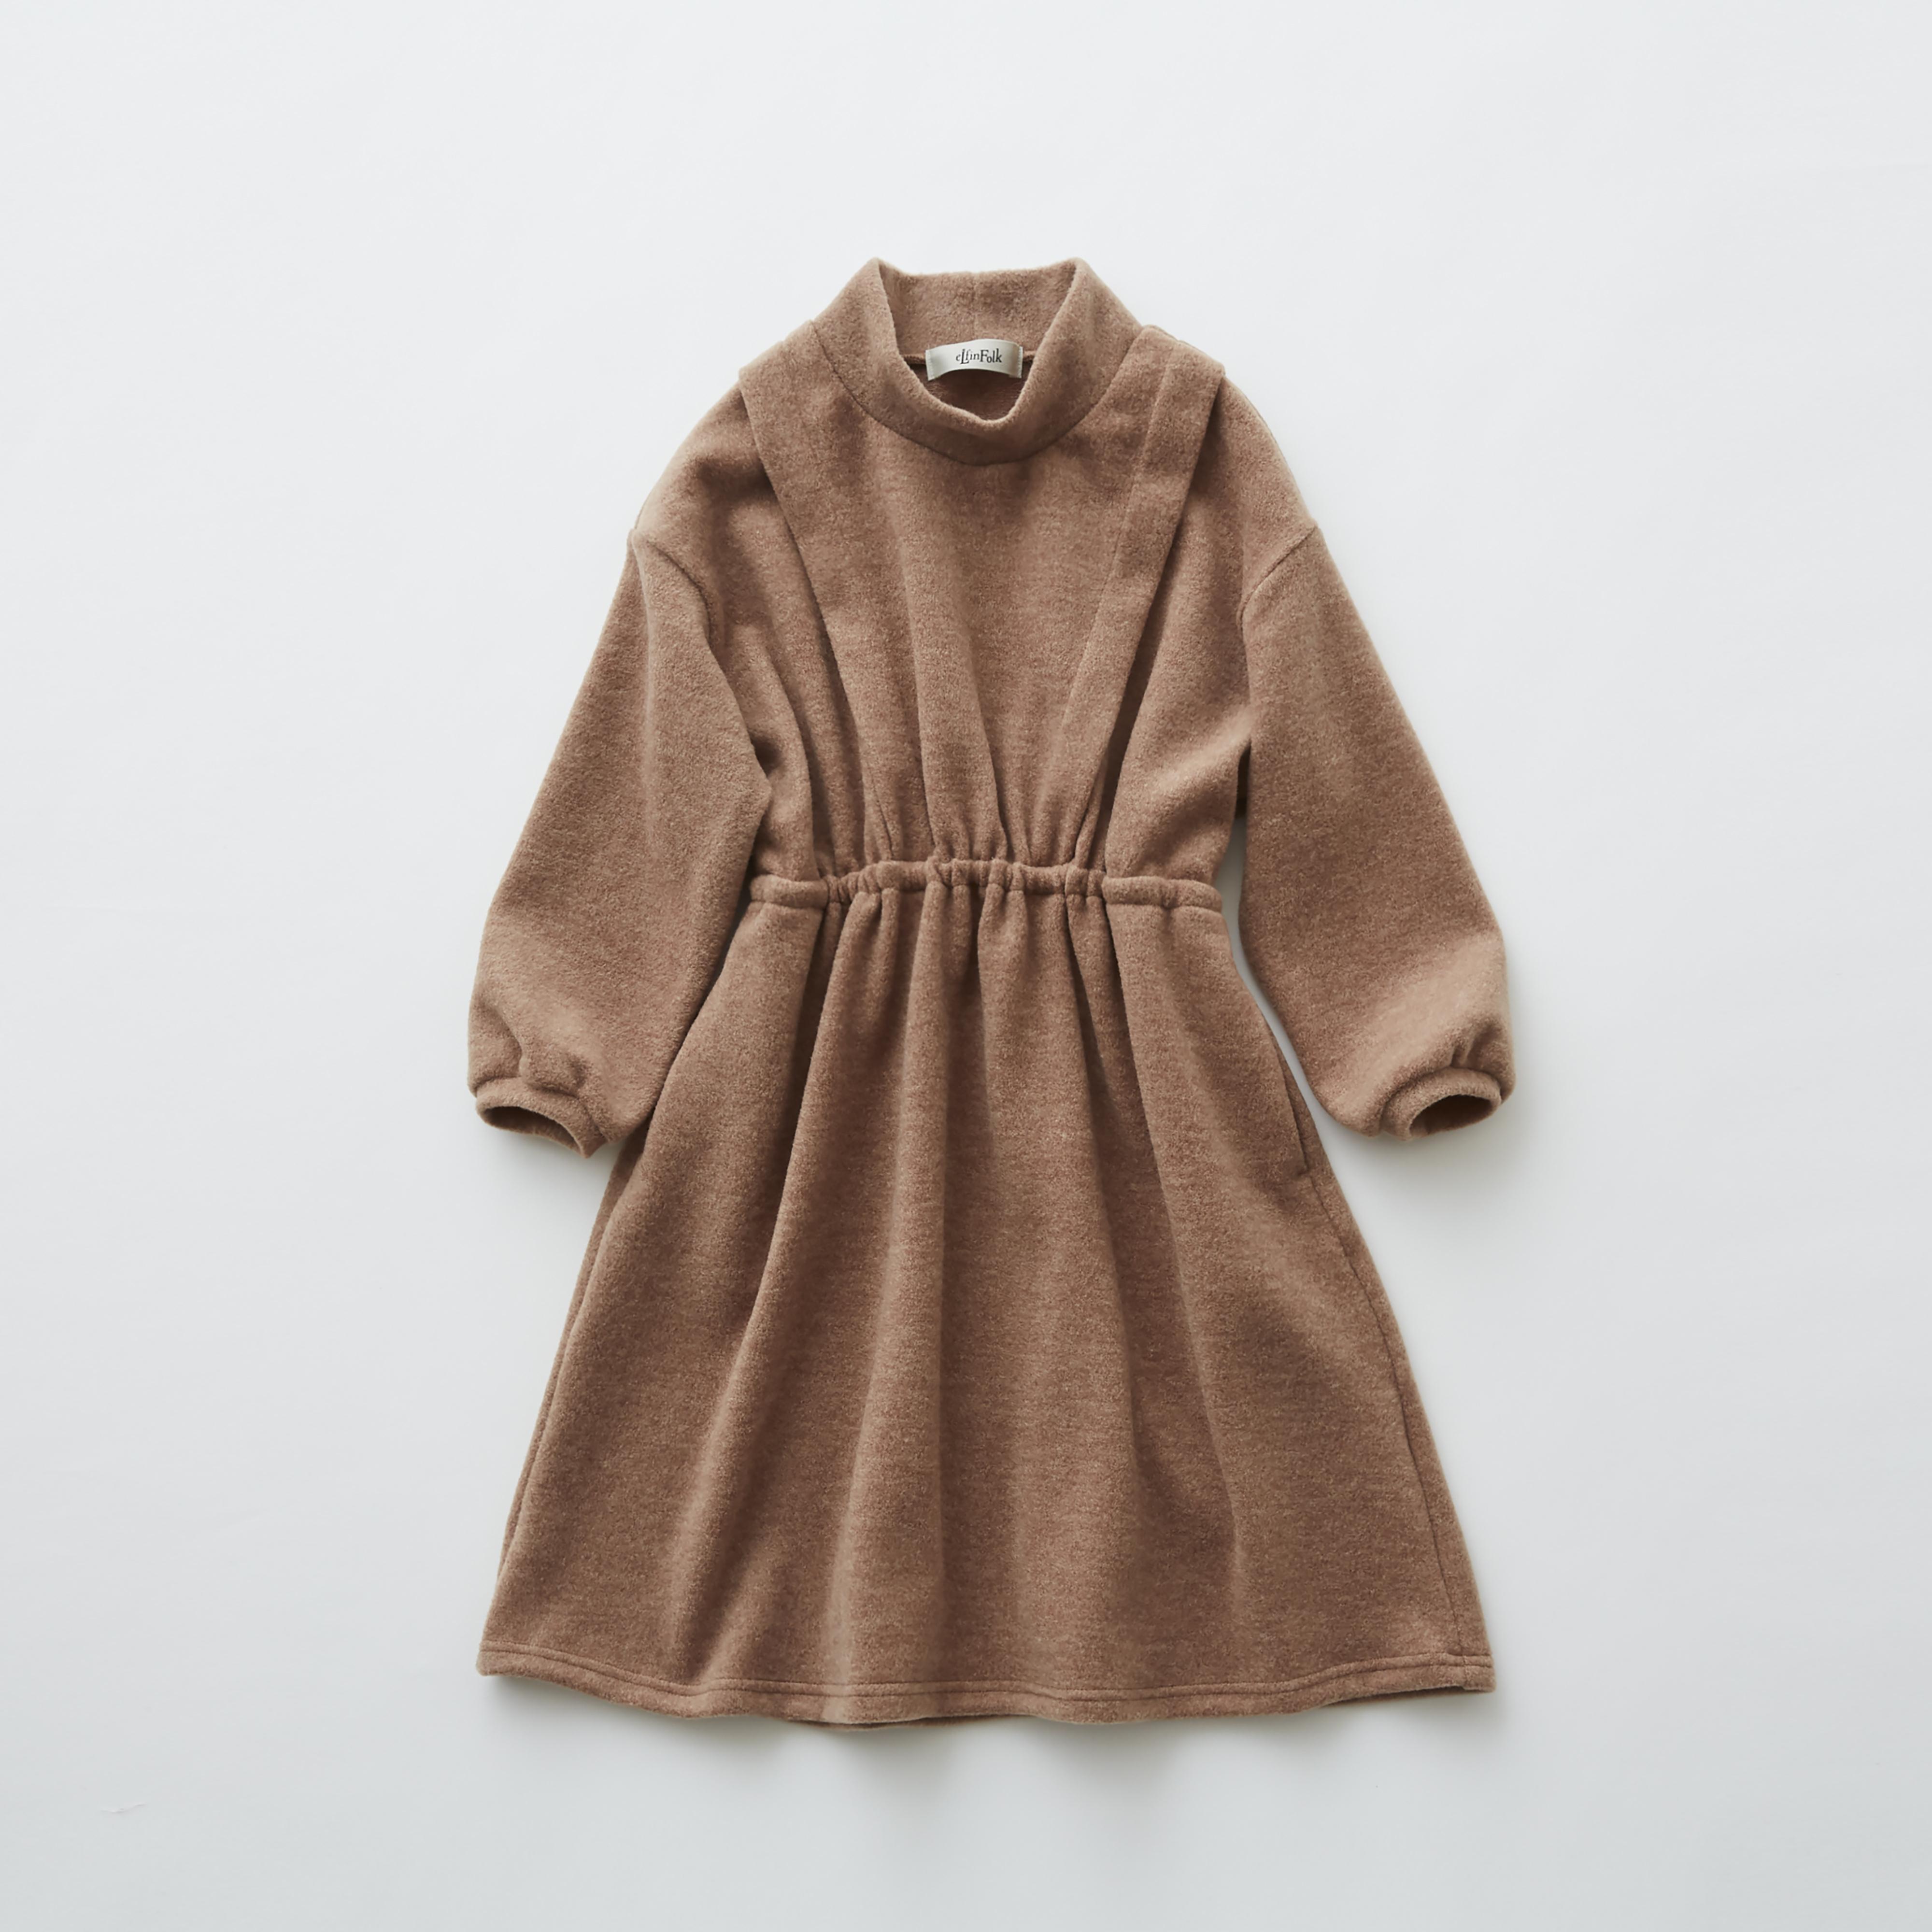 《eLfinFolk 2019AW》melange dress / camel / 80・90・100cm